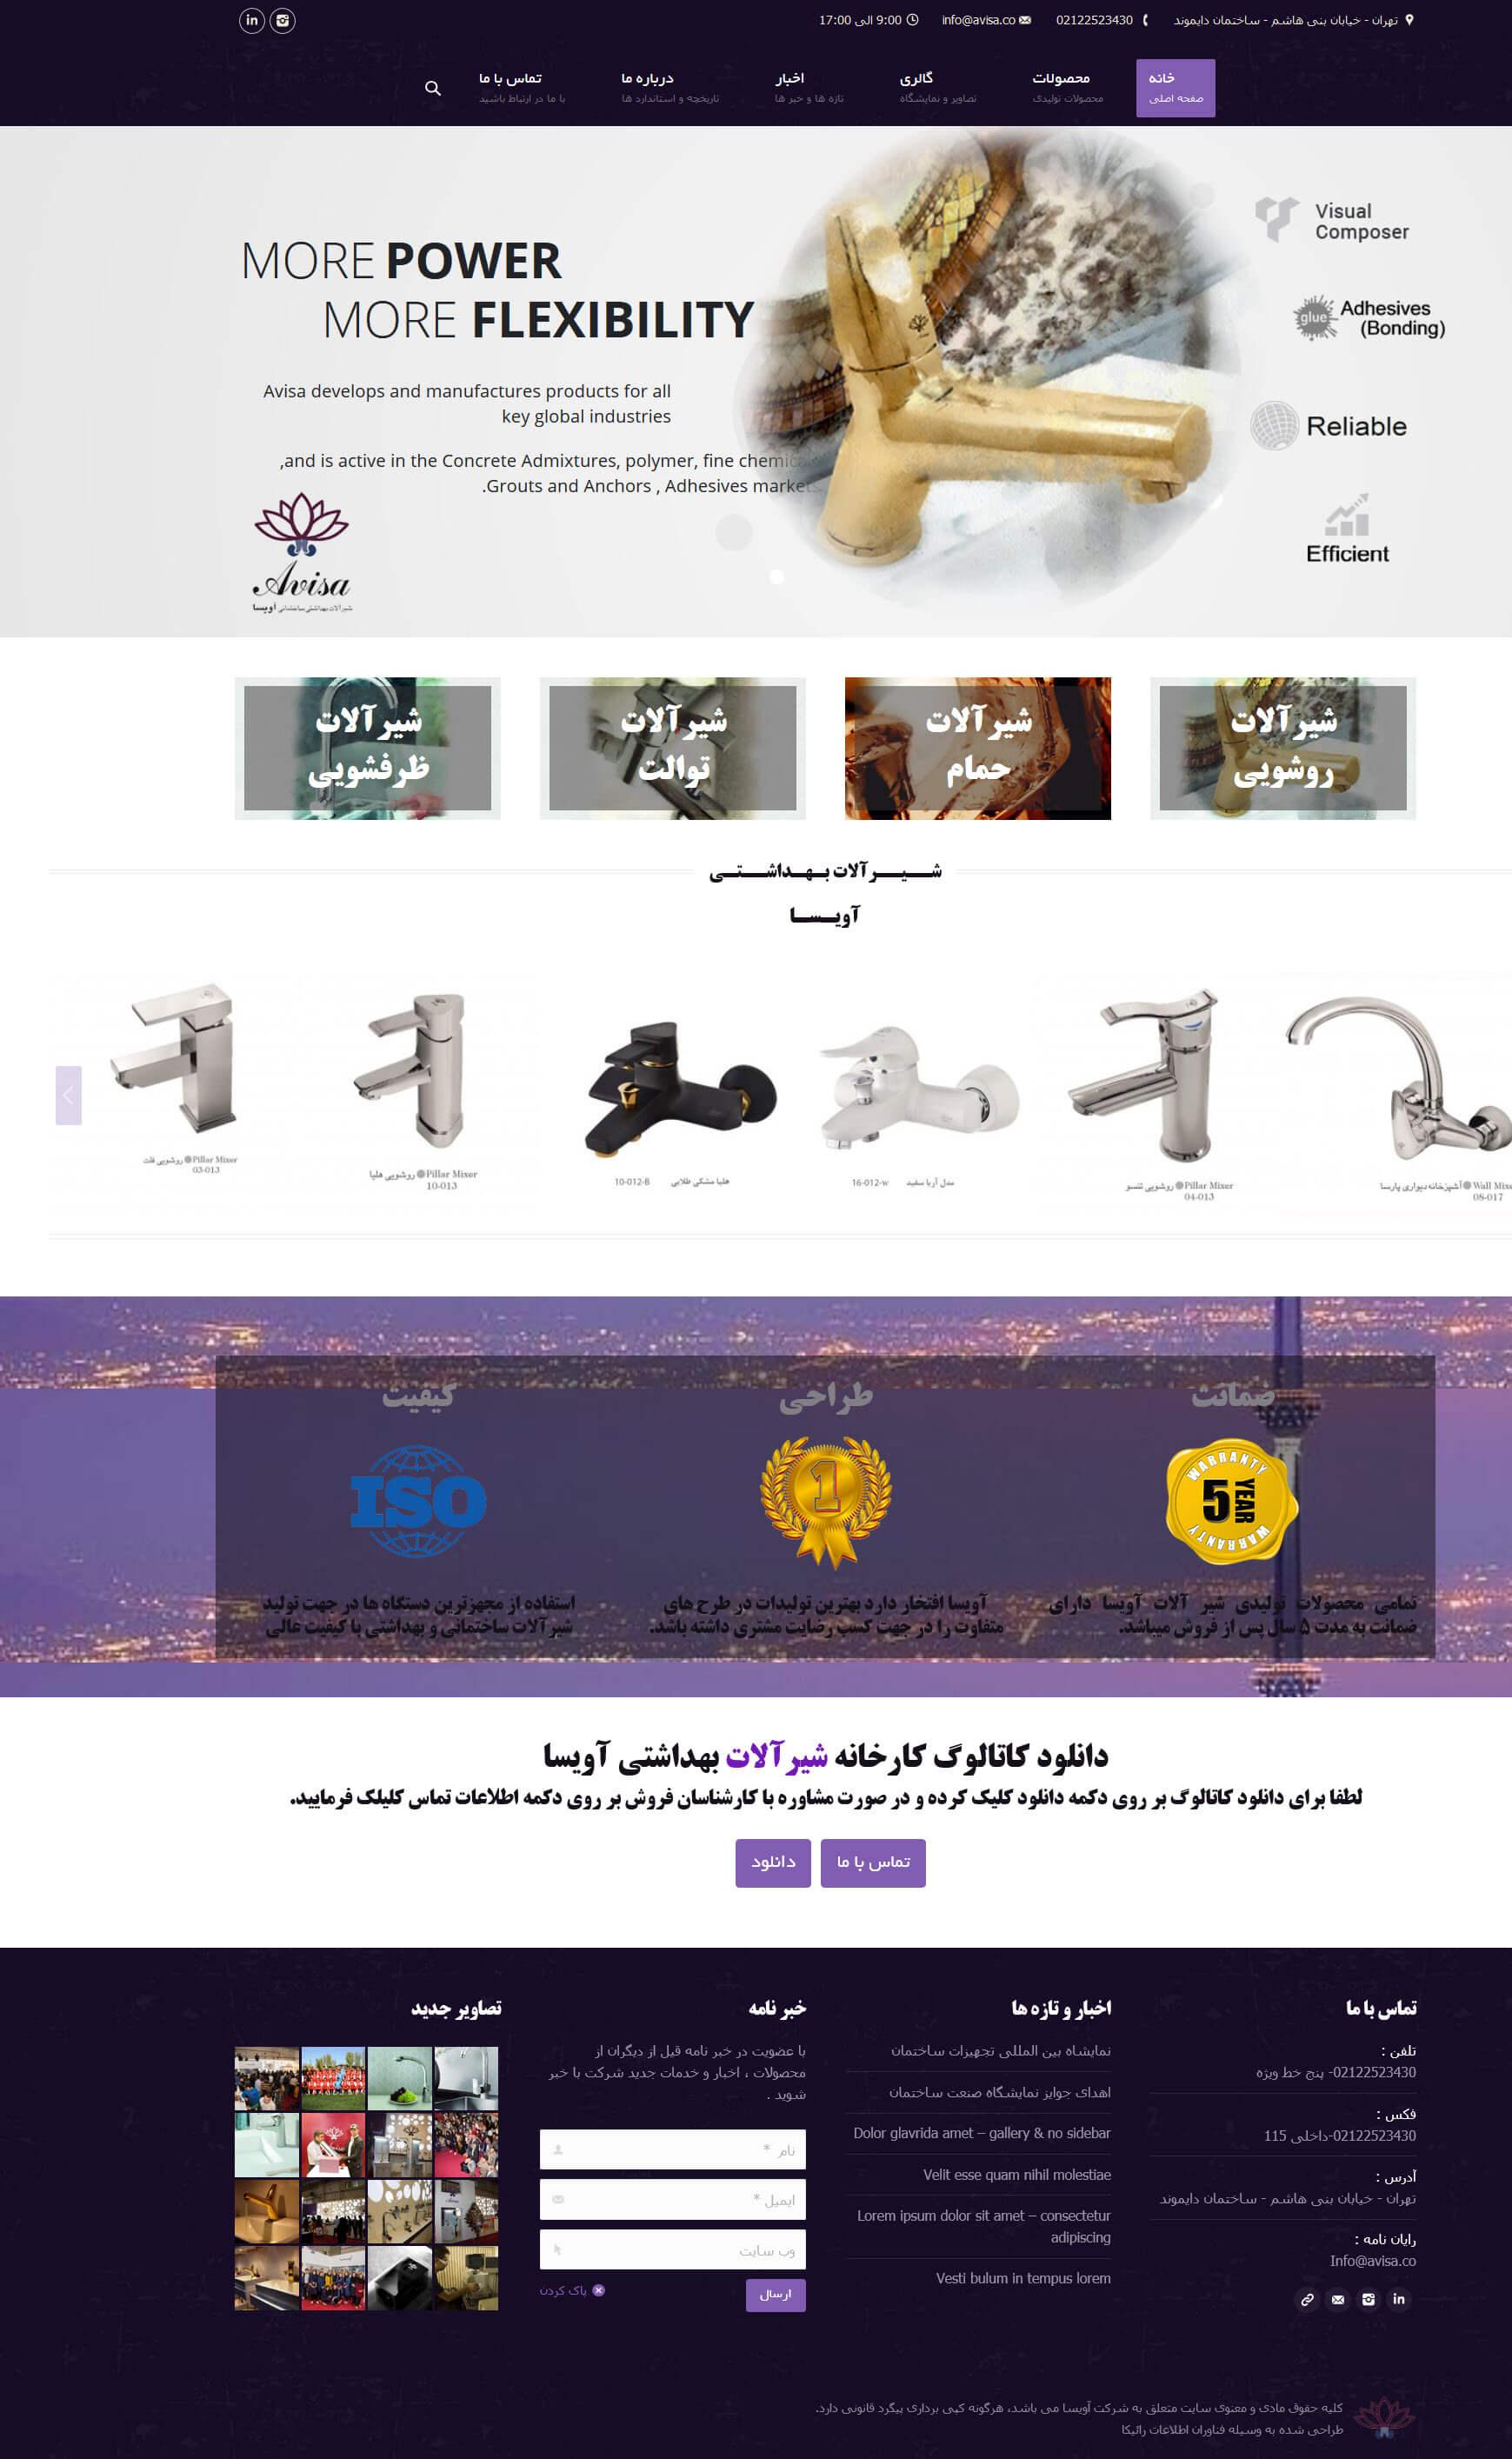 صفحه اصلی سایت شیرآلات بهداشتی آویسا